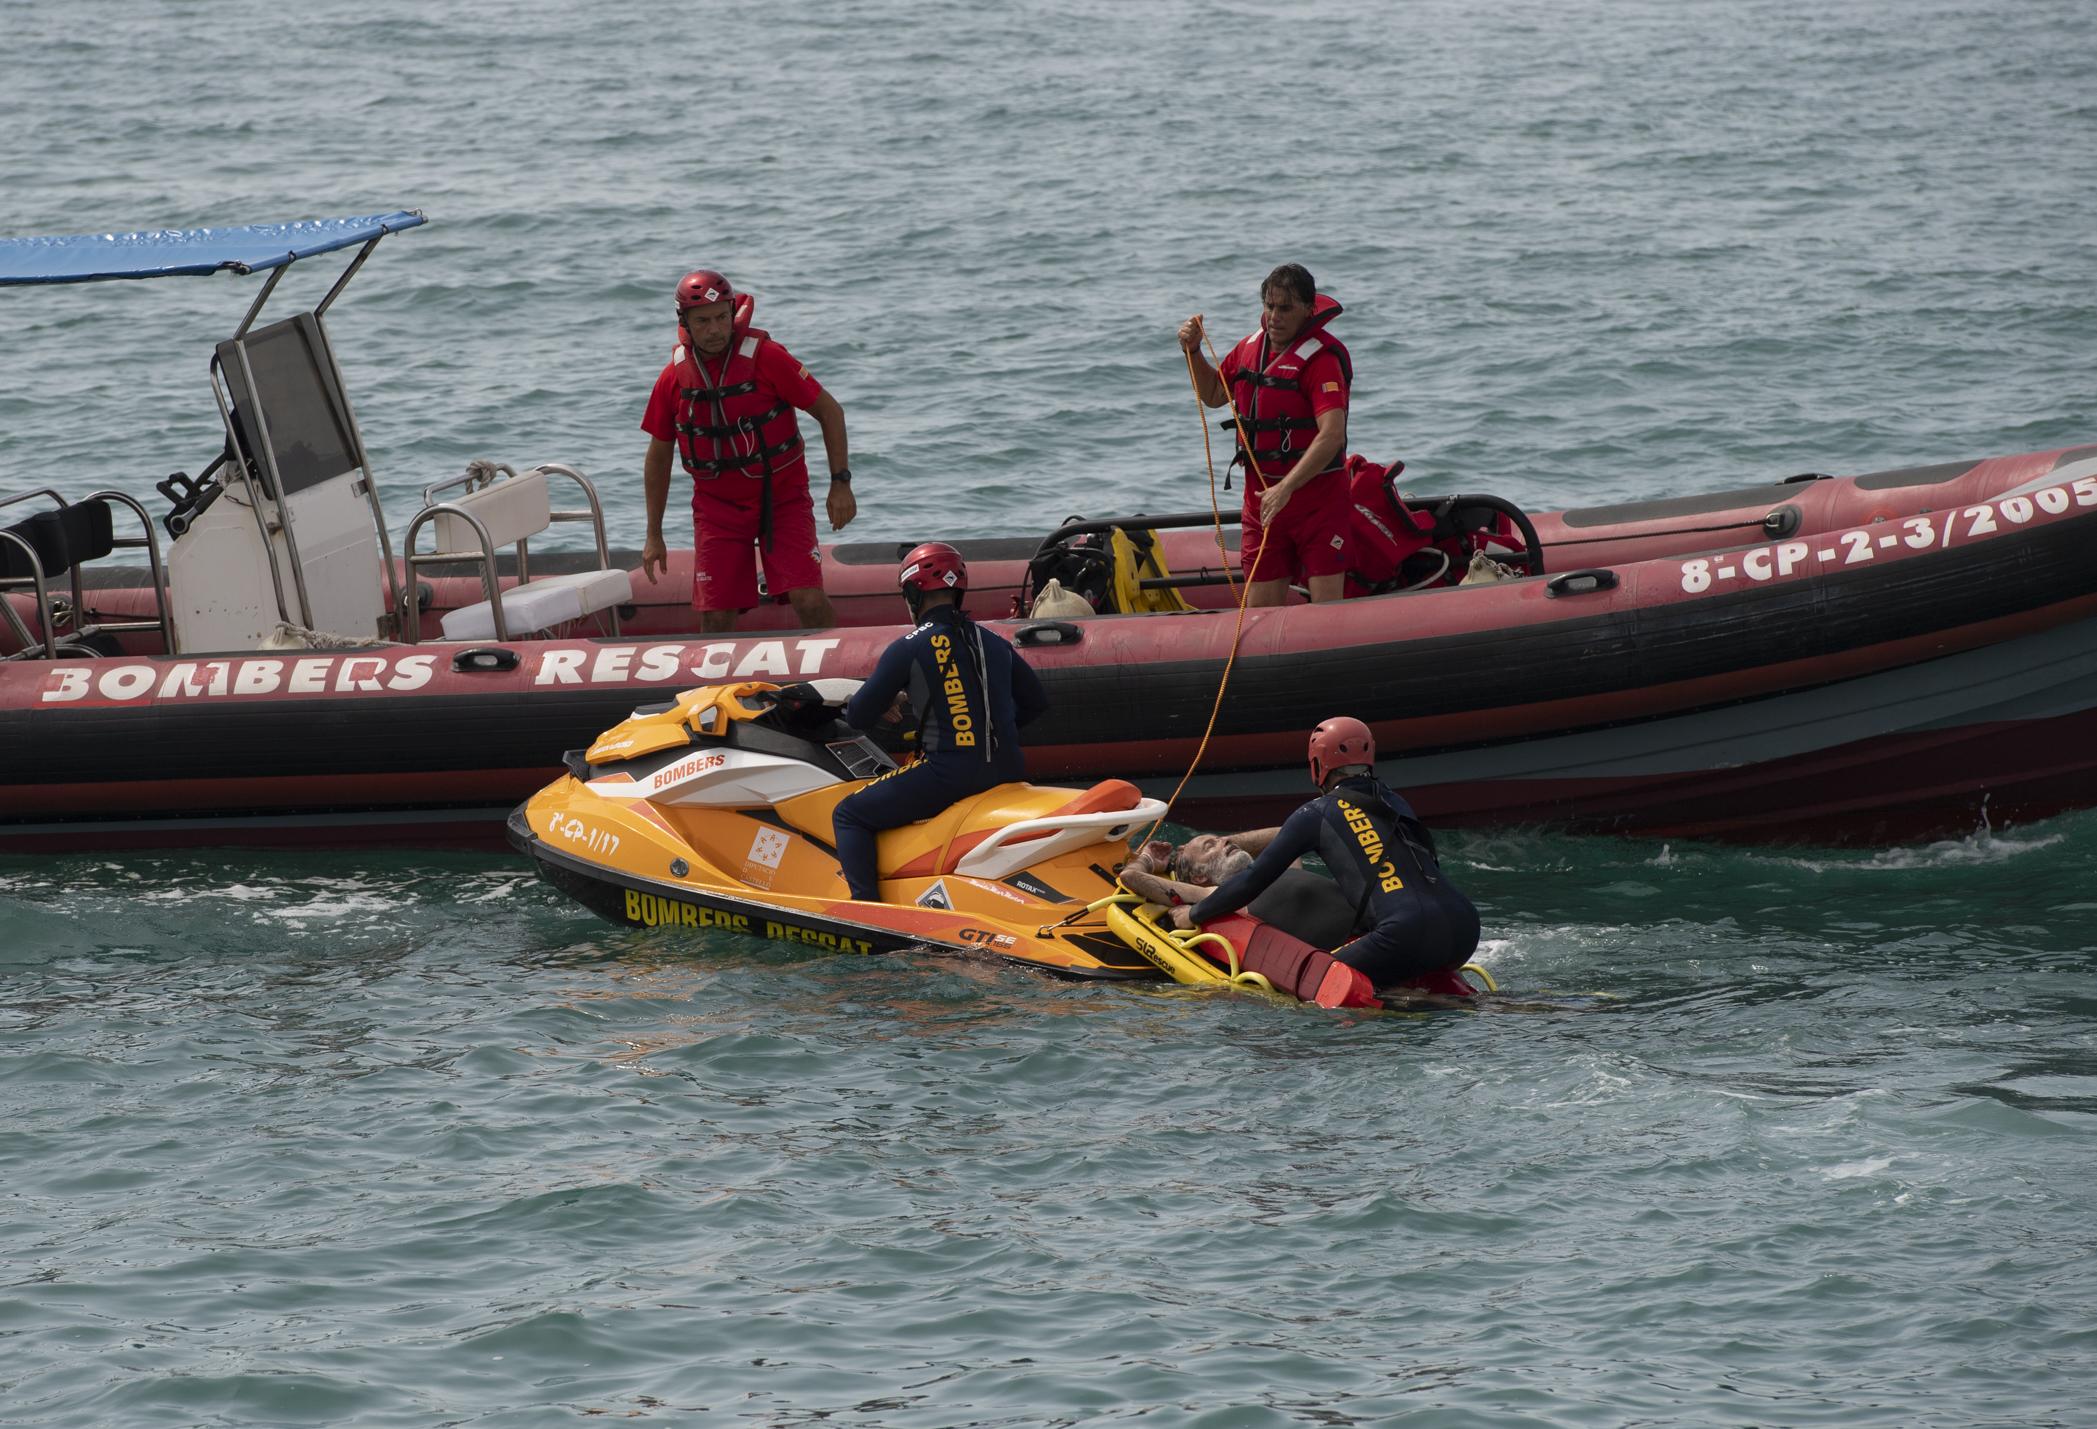 Martí pide prudencia en el mar durante el simulacro de rescate de la Unidad Acuática del Consorcio de Bomberos realizado en Borriana